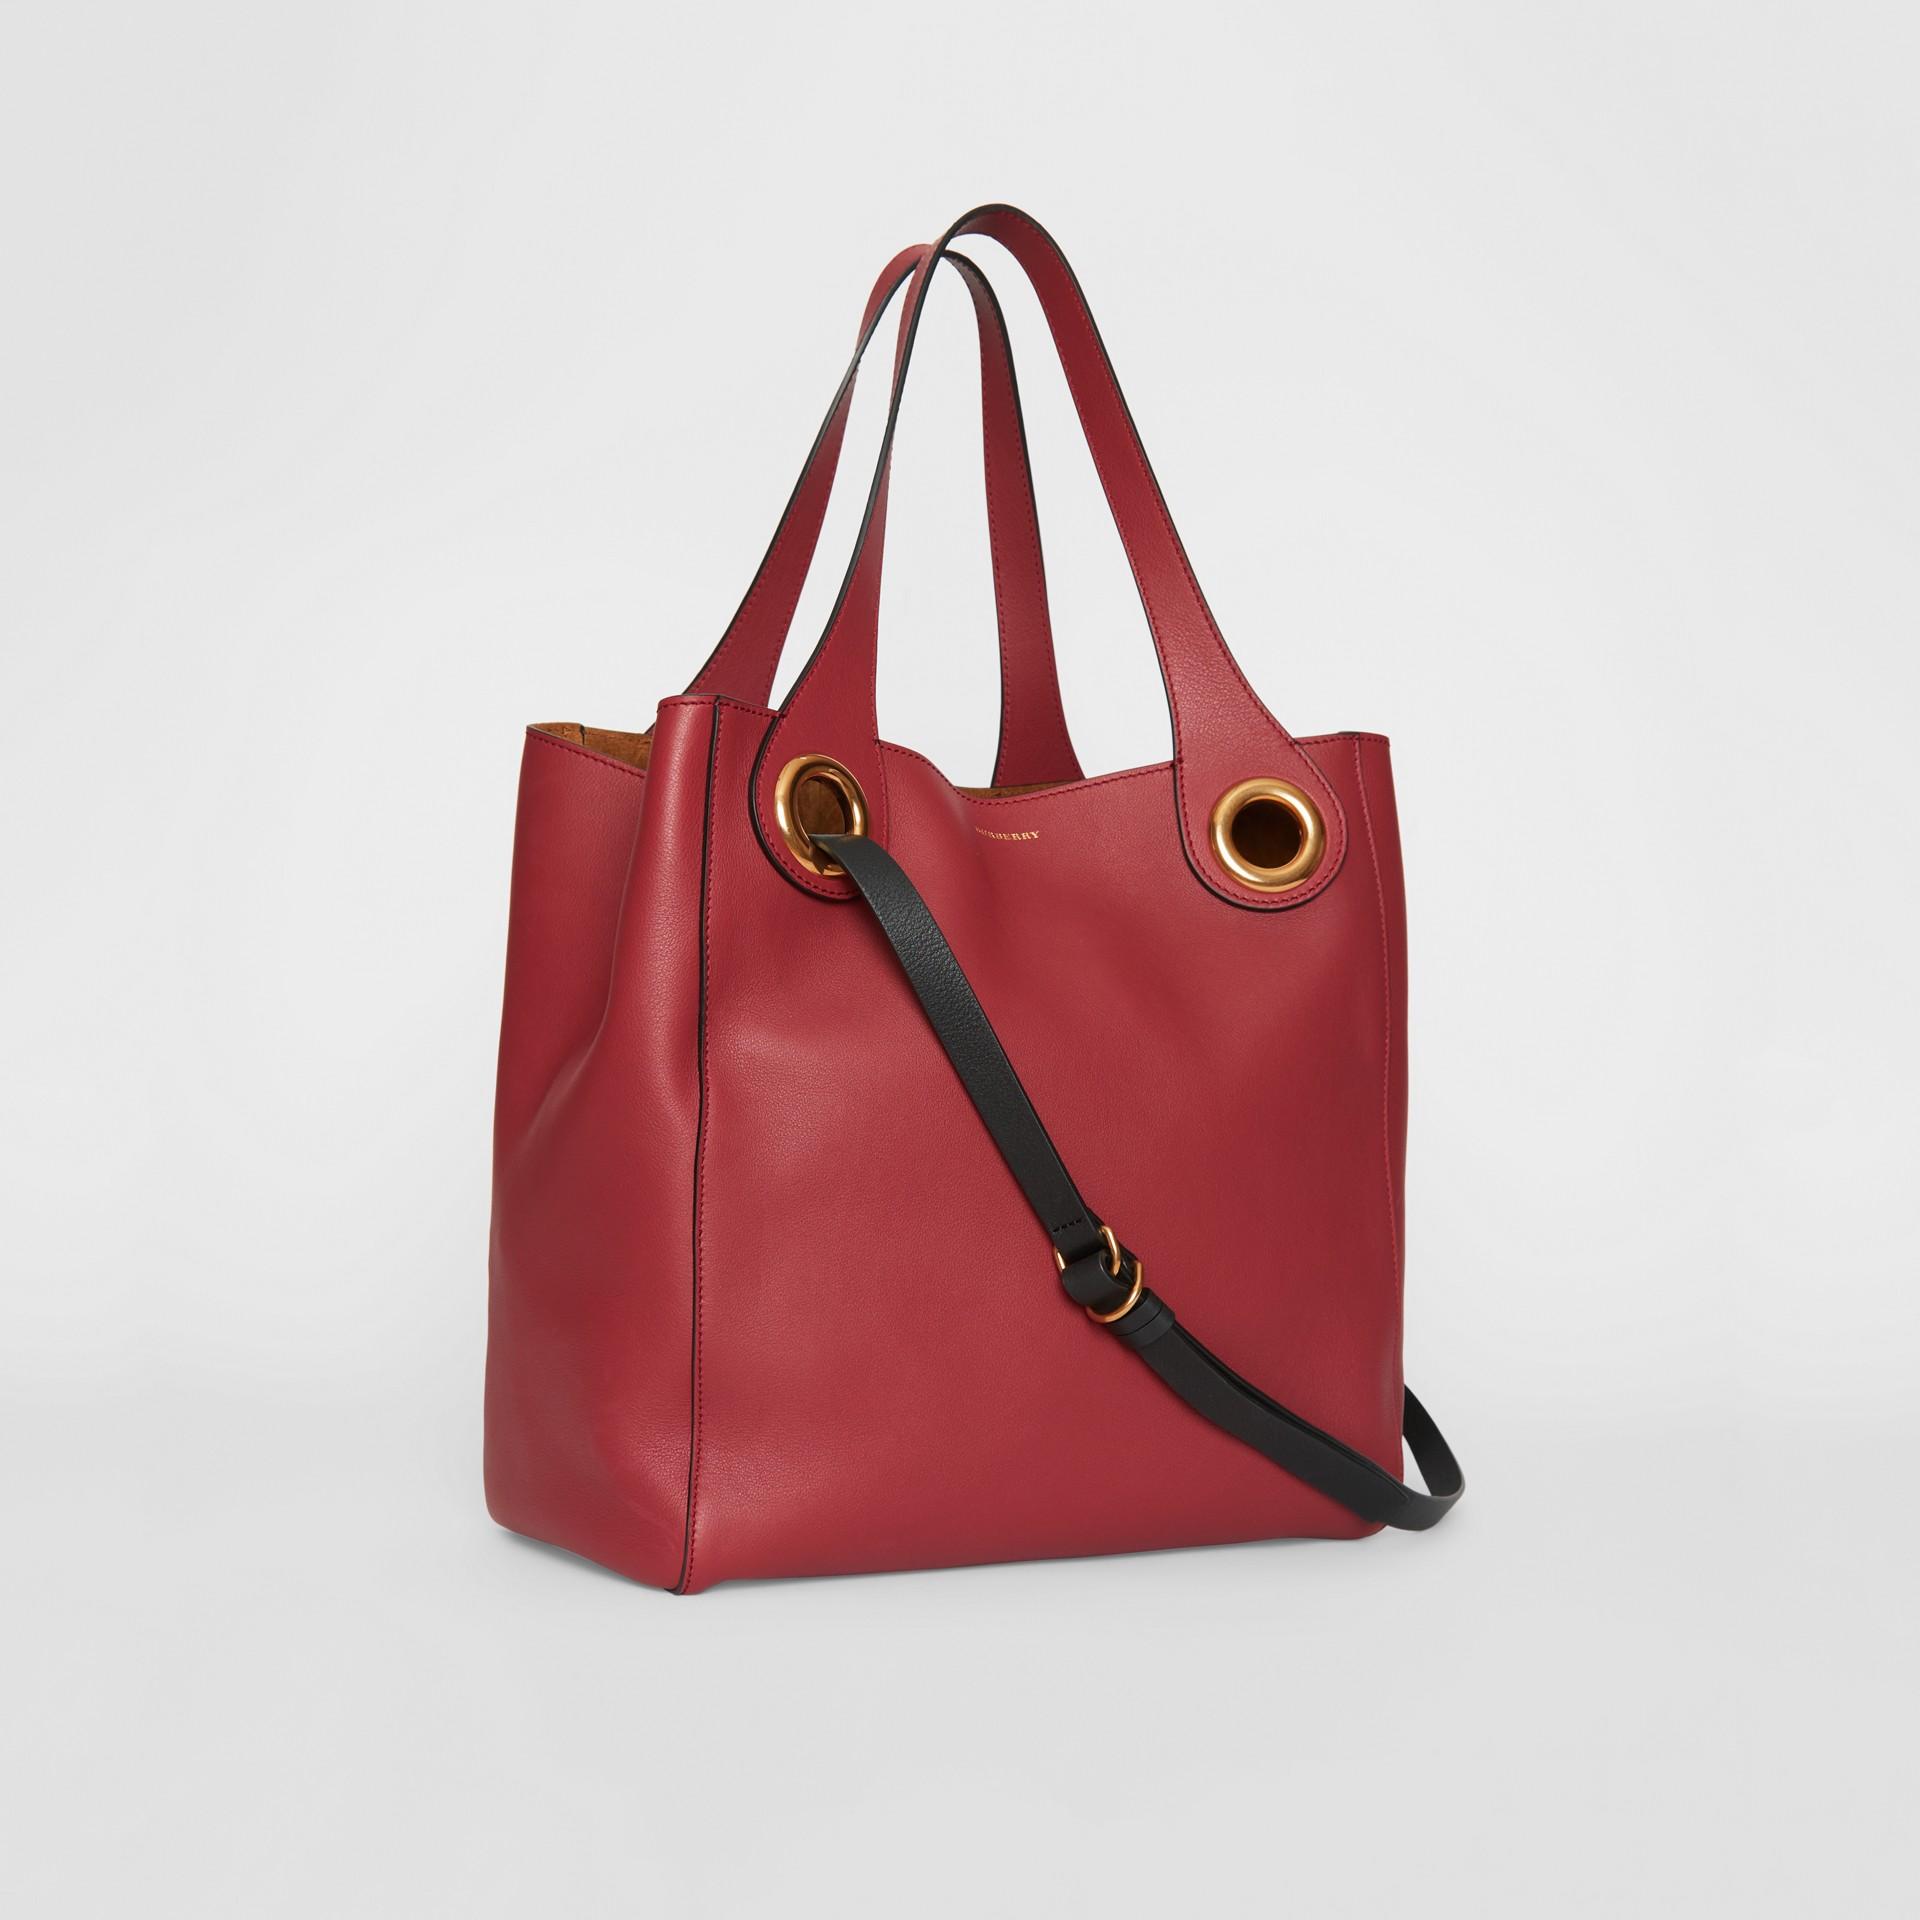 Bolso tote mediano en piel con arandelas (Carmesí) - Mujer | Burberry - imagen de la galería 4